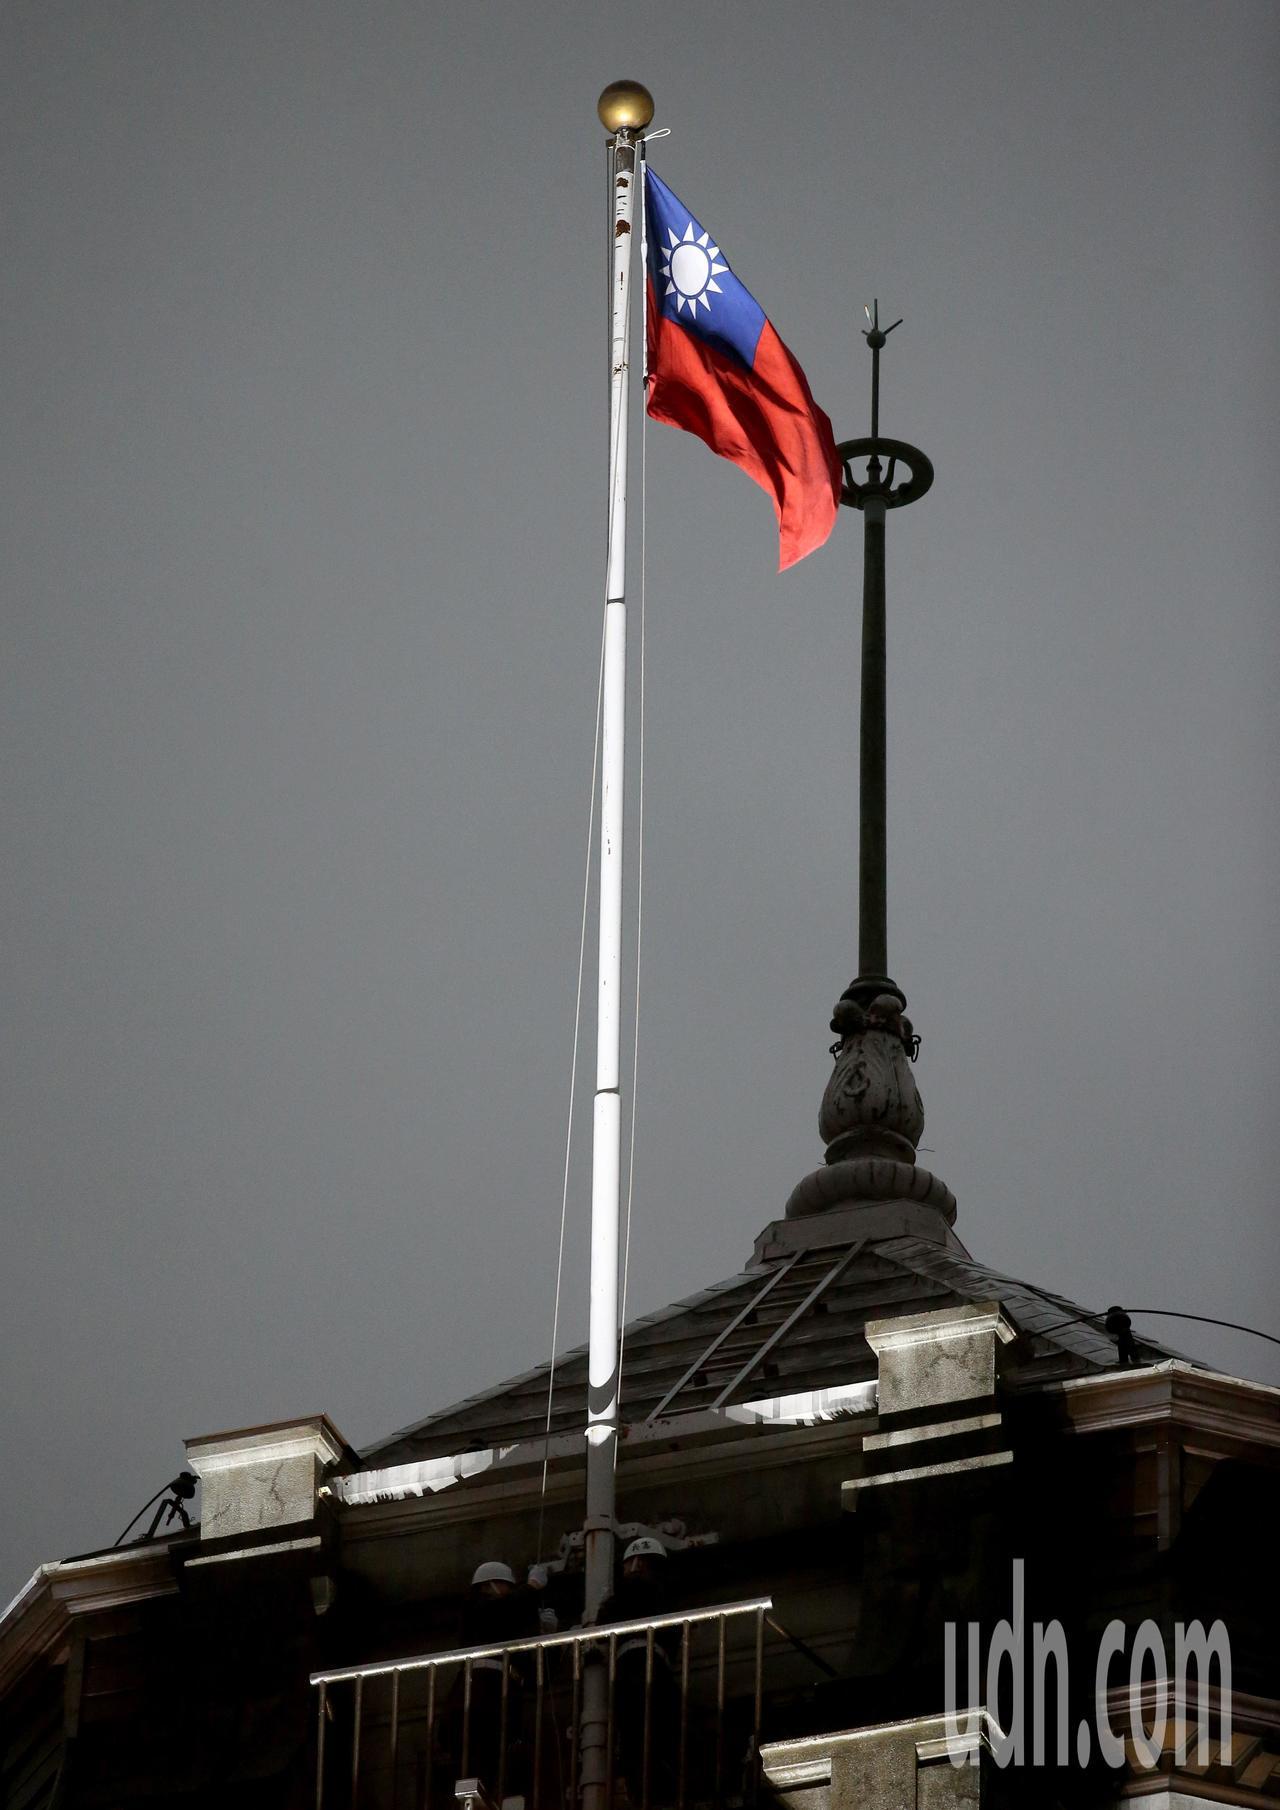 2019年元旦升旗典禮清晨在總統府前舉行。記者余承翰/攝影